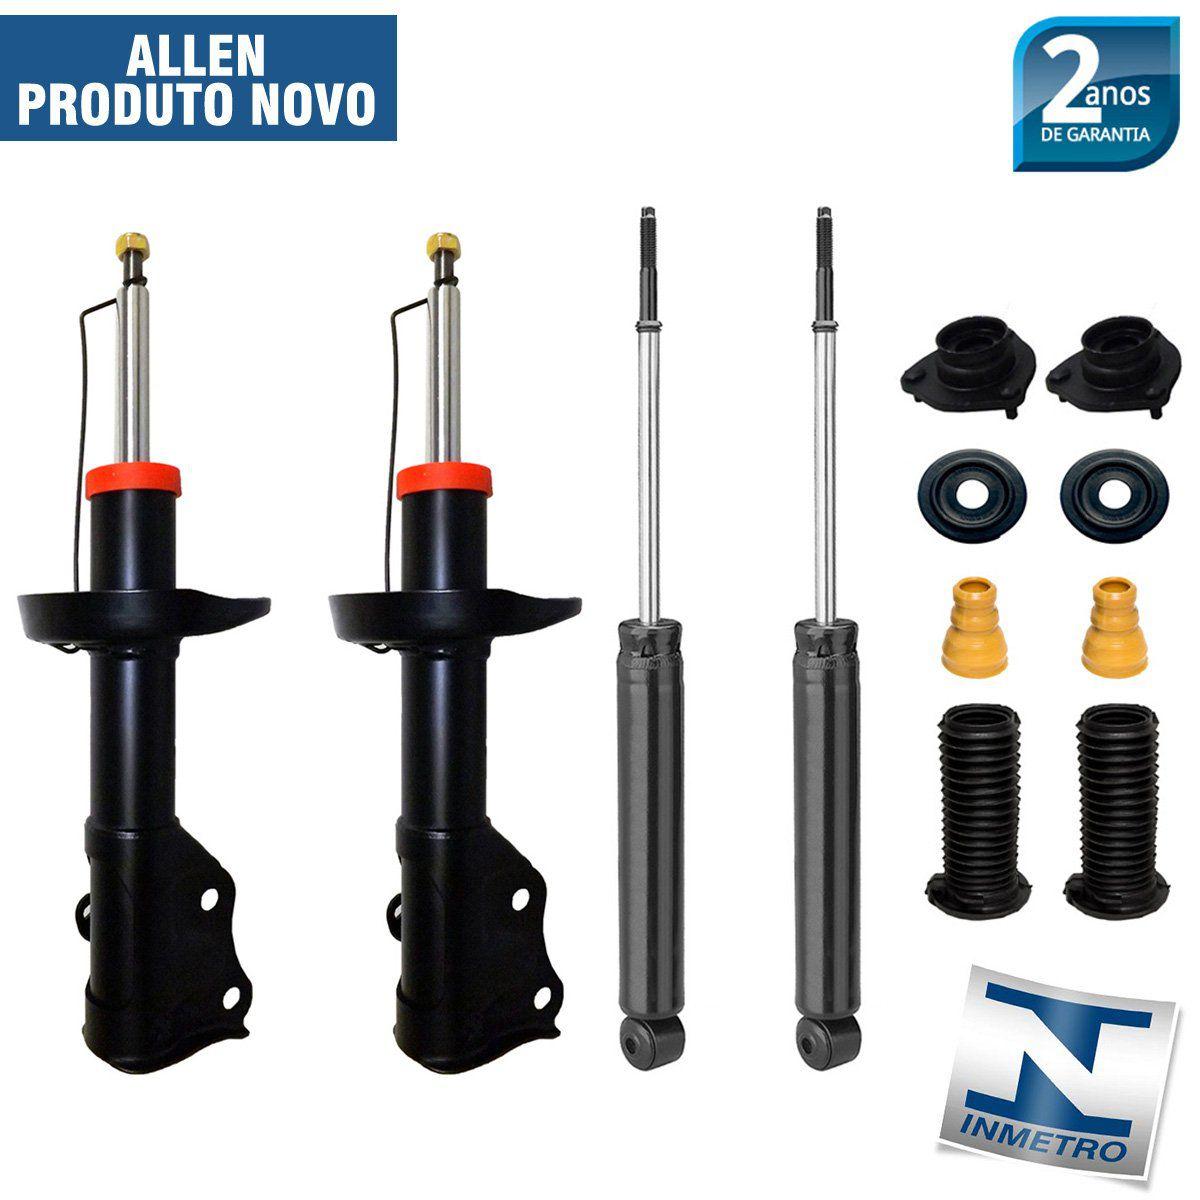 Jogo 04 Amortecedores New Civic 2006 Até 2012 + Kit da Suspensão